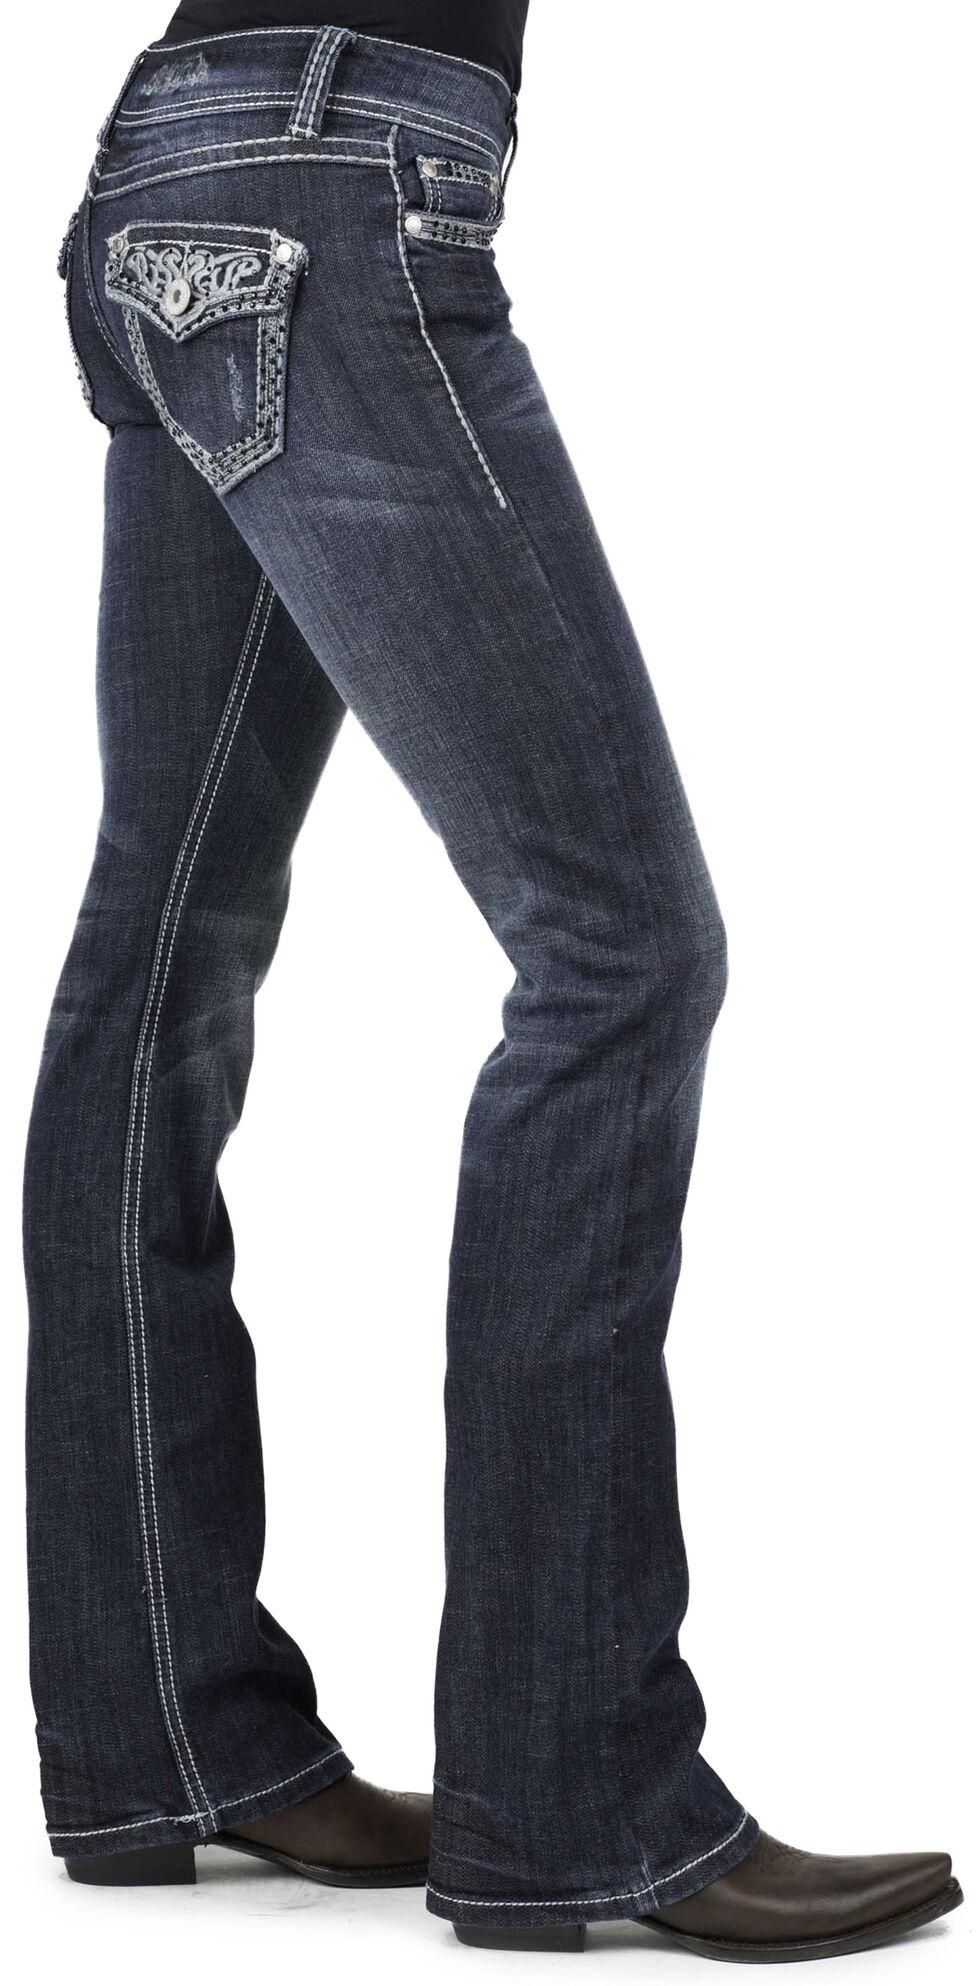 Stetson Women's 818 Fit Contemporary Contrast Stitch Bootcut Jeans - Plus, , hi-res